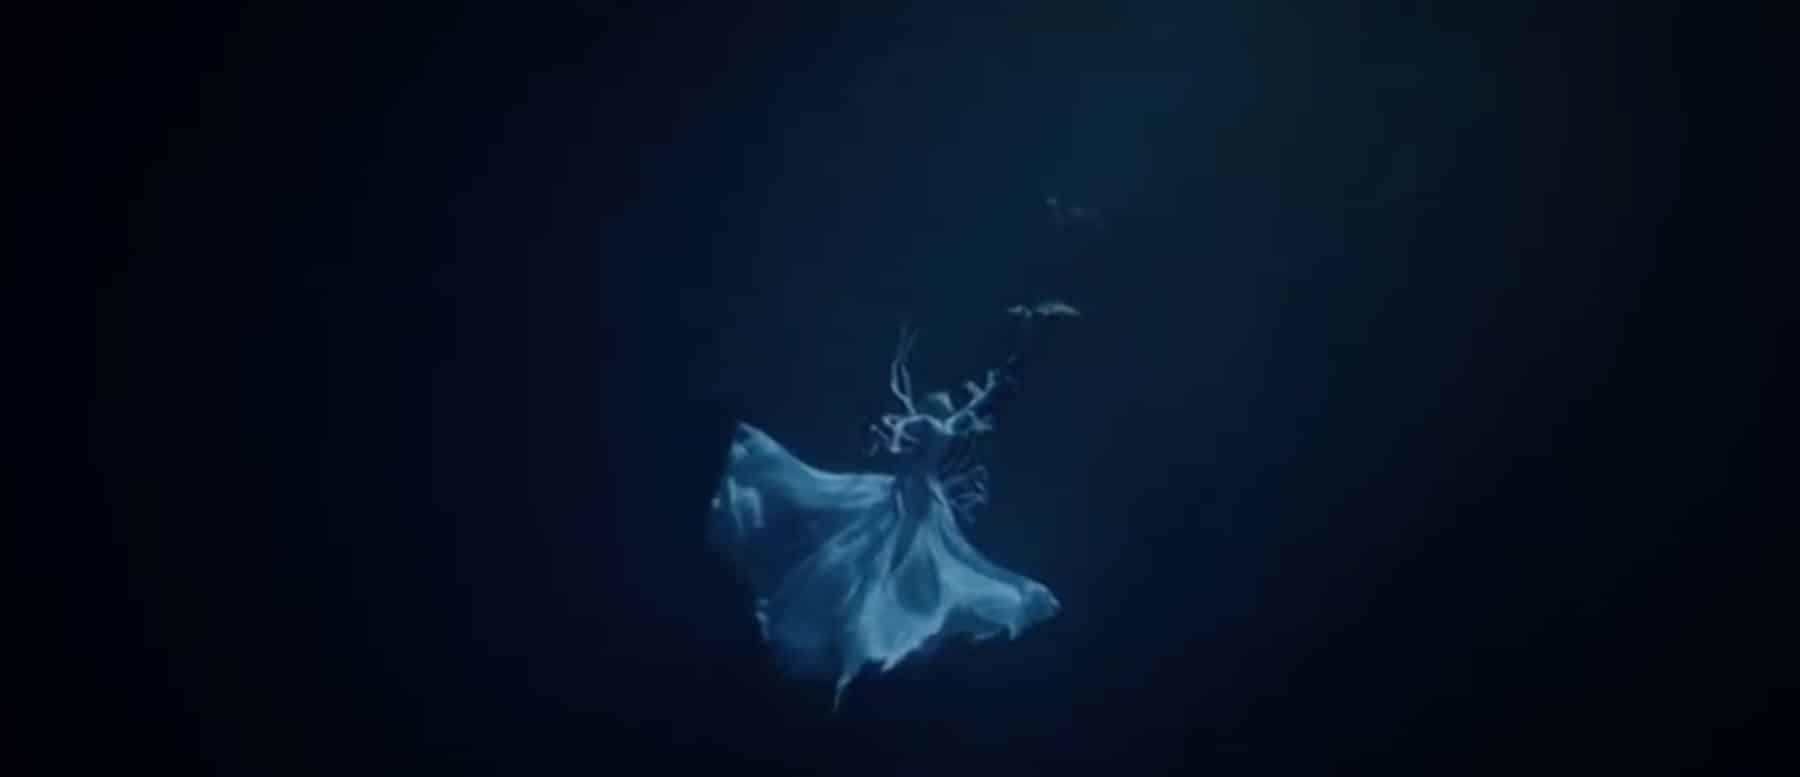 Netflix ordena serie Cursed de Frank Miller y Tom Wheeler basada en la Leyenda del Rey Arturo